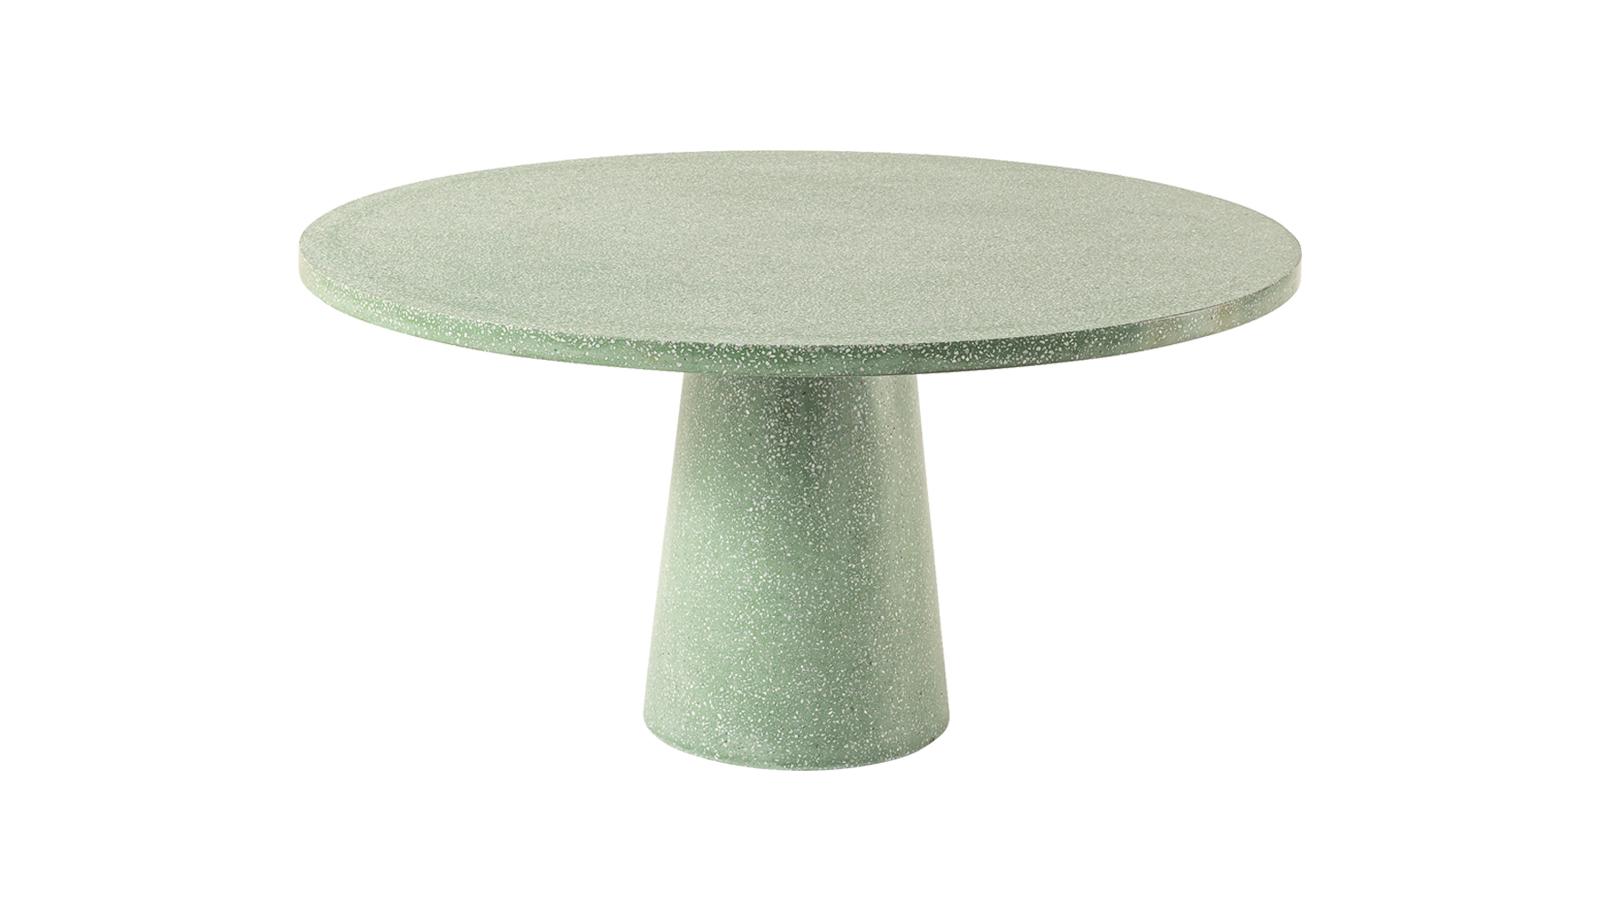 A Cassina 2020-ban bemutatott, Dine Out kültéri kollekciója a kifinomult stílus és a maximális kényelem mesteri ötvözete. A kétféle méretben kapható asztalok egyedi, kúpos lábszerkezeteküknek és egyedi anyagkombinációiknak köszönhetően (elérhetők például terrazzo vagy tömör teakfa lappal is) karakteres designt csempésznek a kertbe vagy a teraszra.